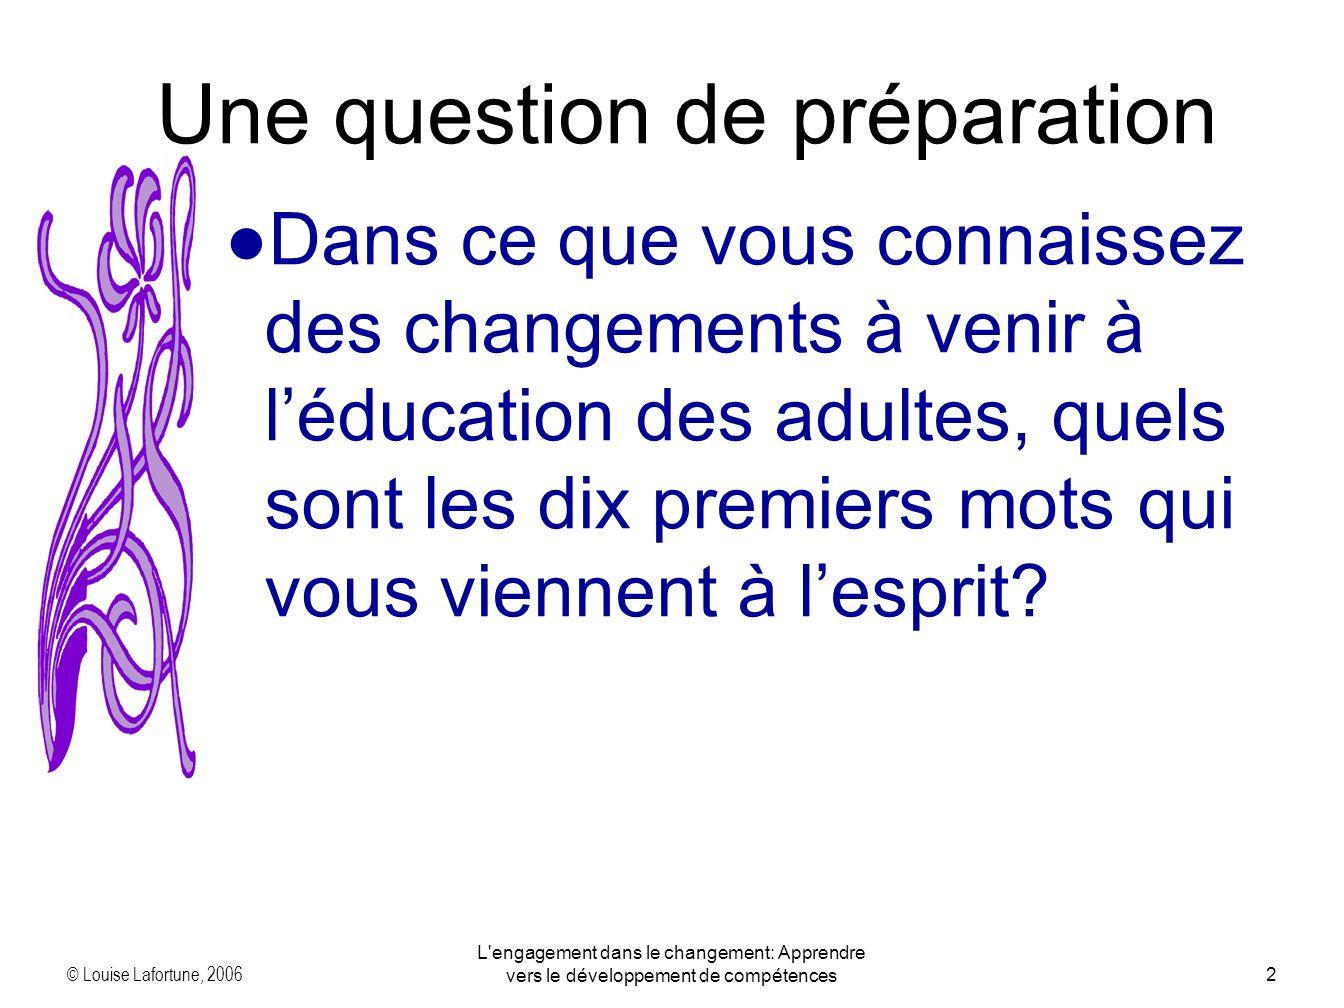 © Louise Lafortune, 2006 L engagement dans le changement: Apprendre vers le développement de compétences2 Une question de préparation Dans ce que vous connaissez des changements à venir à léducation des adultes, quels sont les dix premiers mots qui vous viennent à lesprit